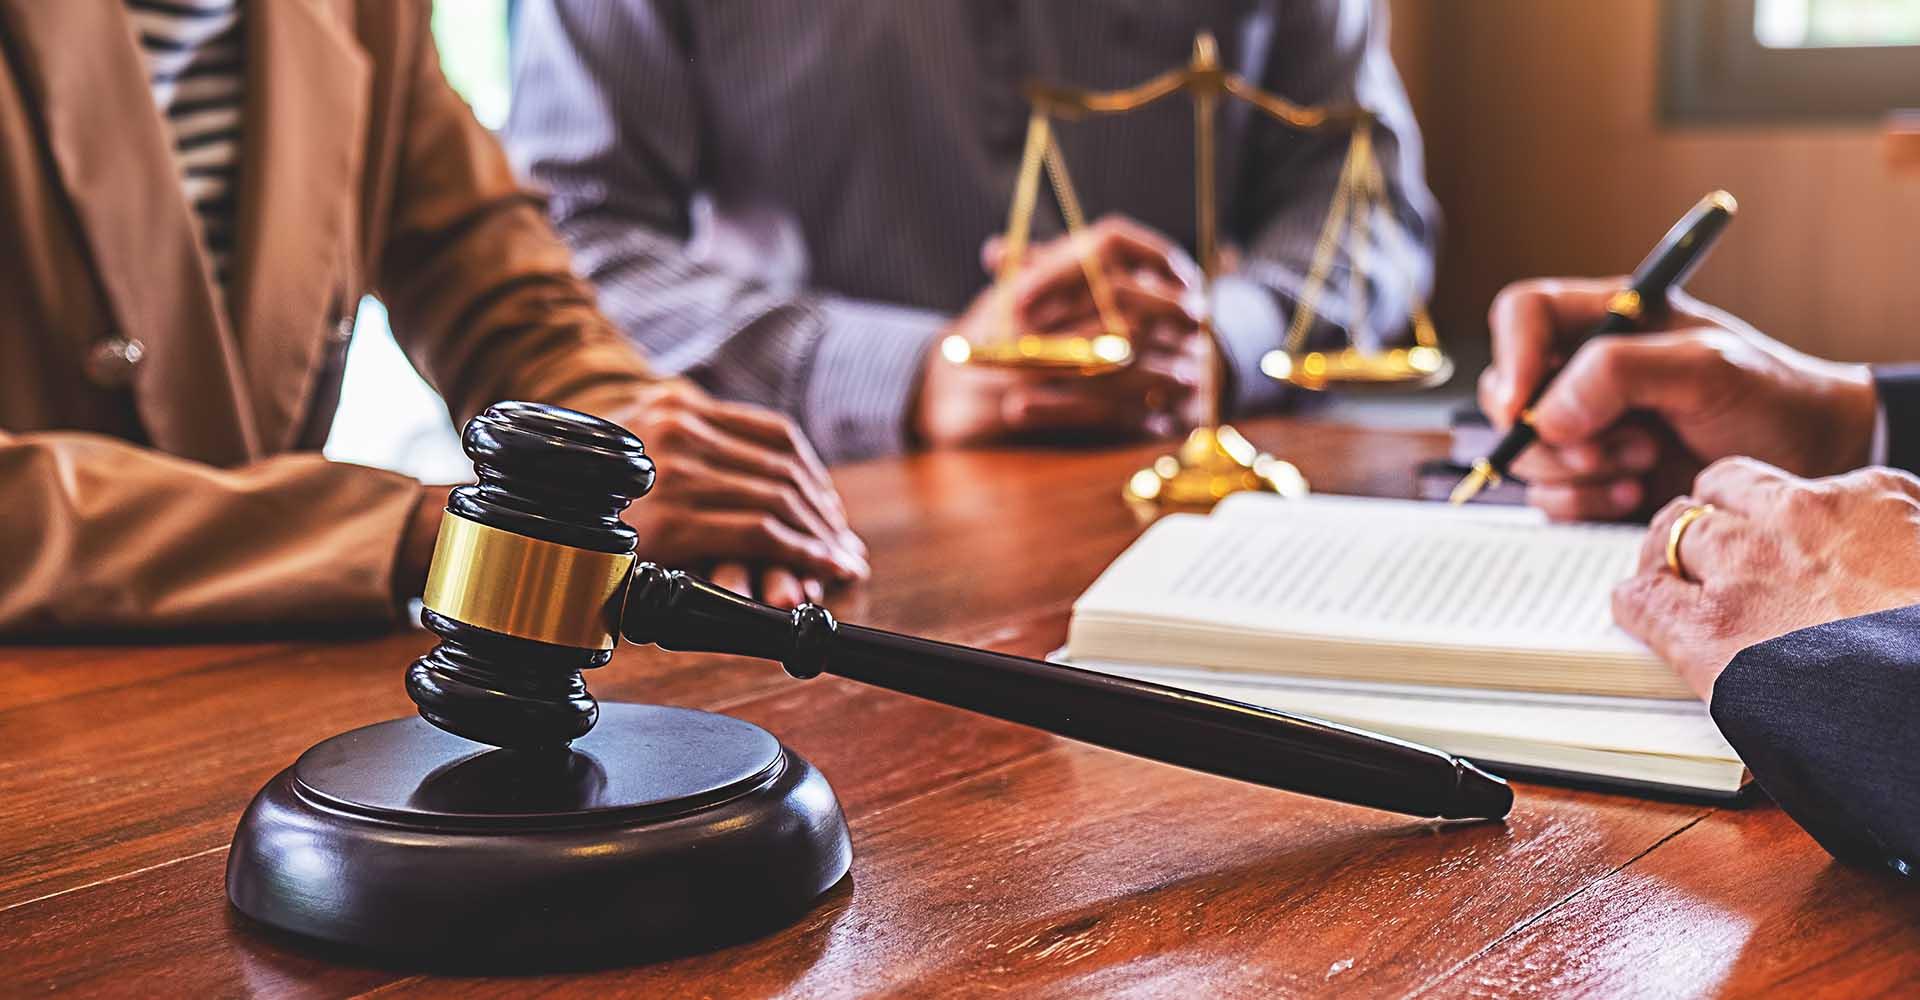 luật sư trong khi gặp khách hàng tại văn phòng luật của anh ấy